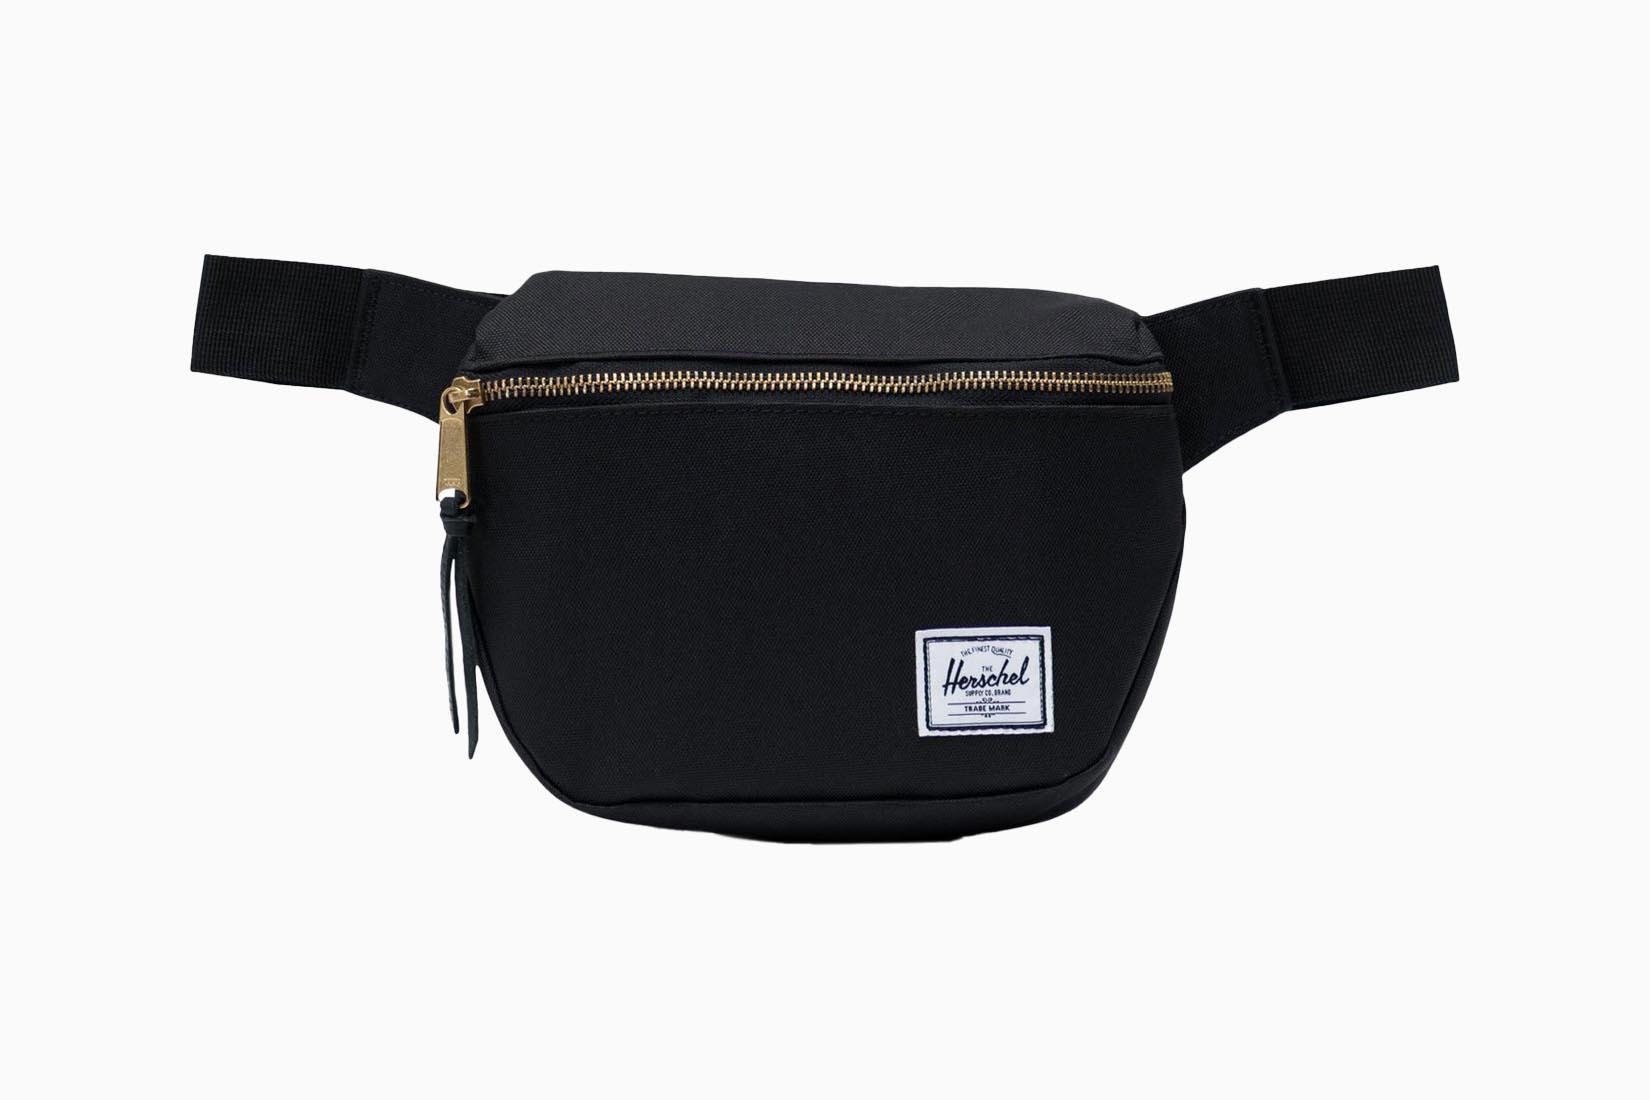 best belt bags women Herschel review Luxe Digital